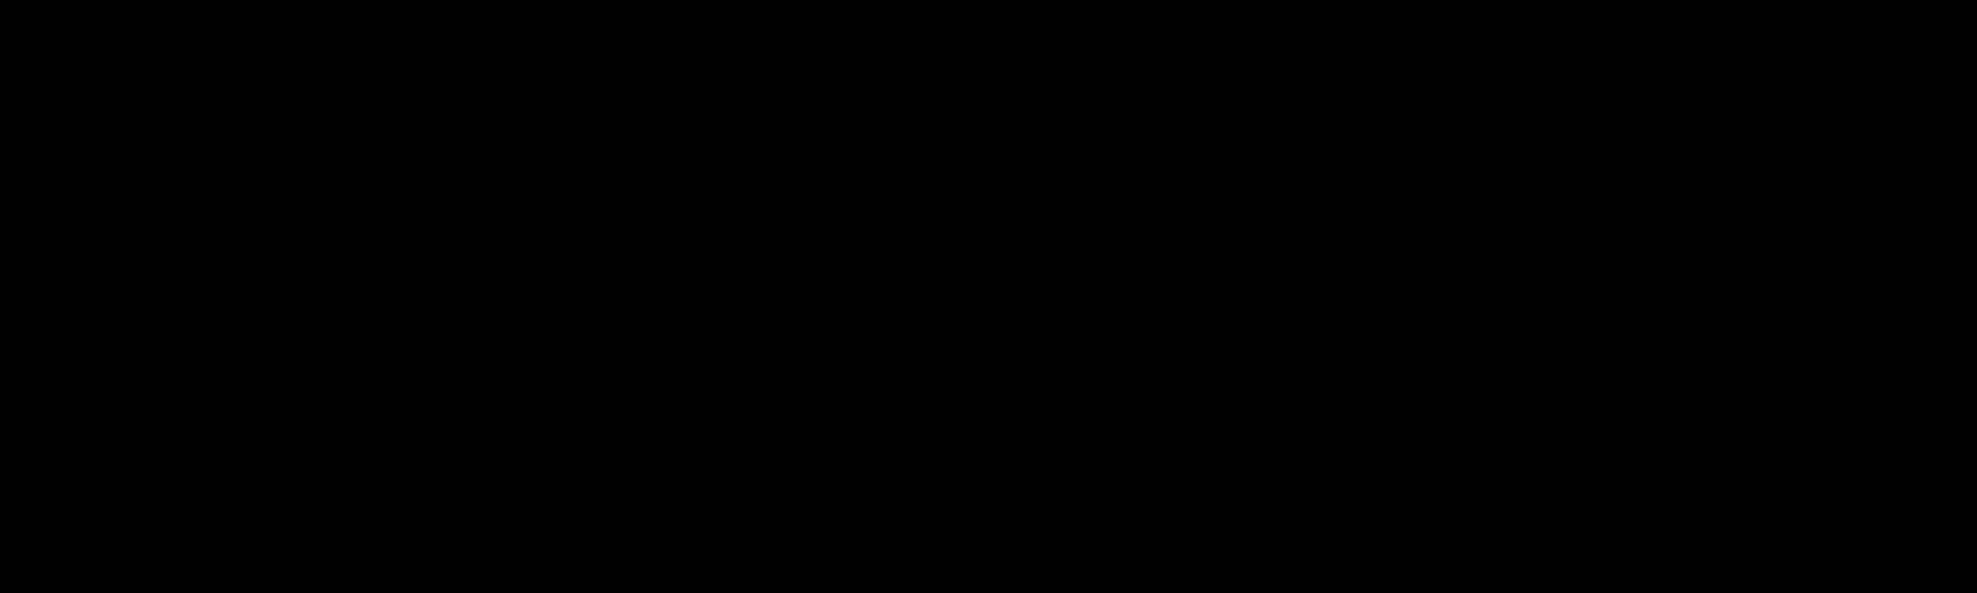 contorno de escova de banner de fita png